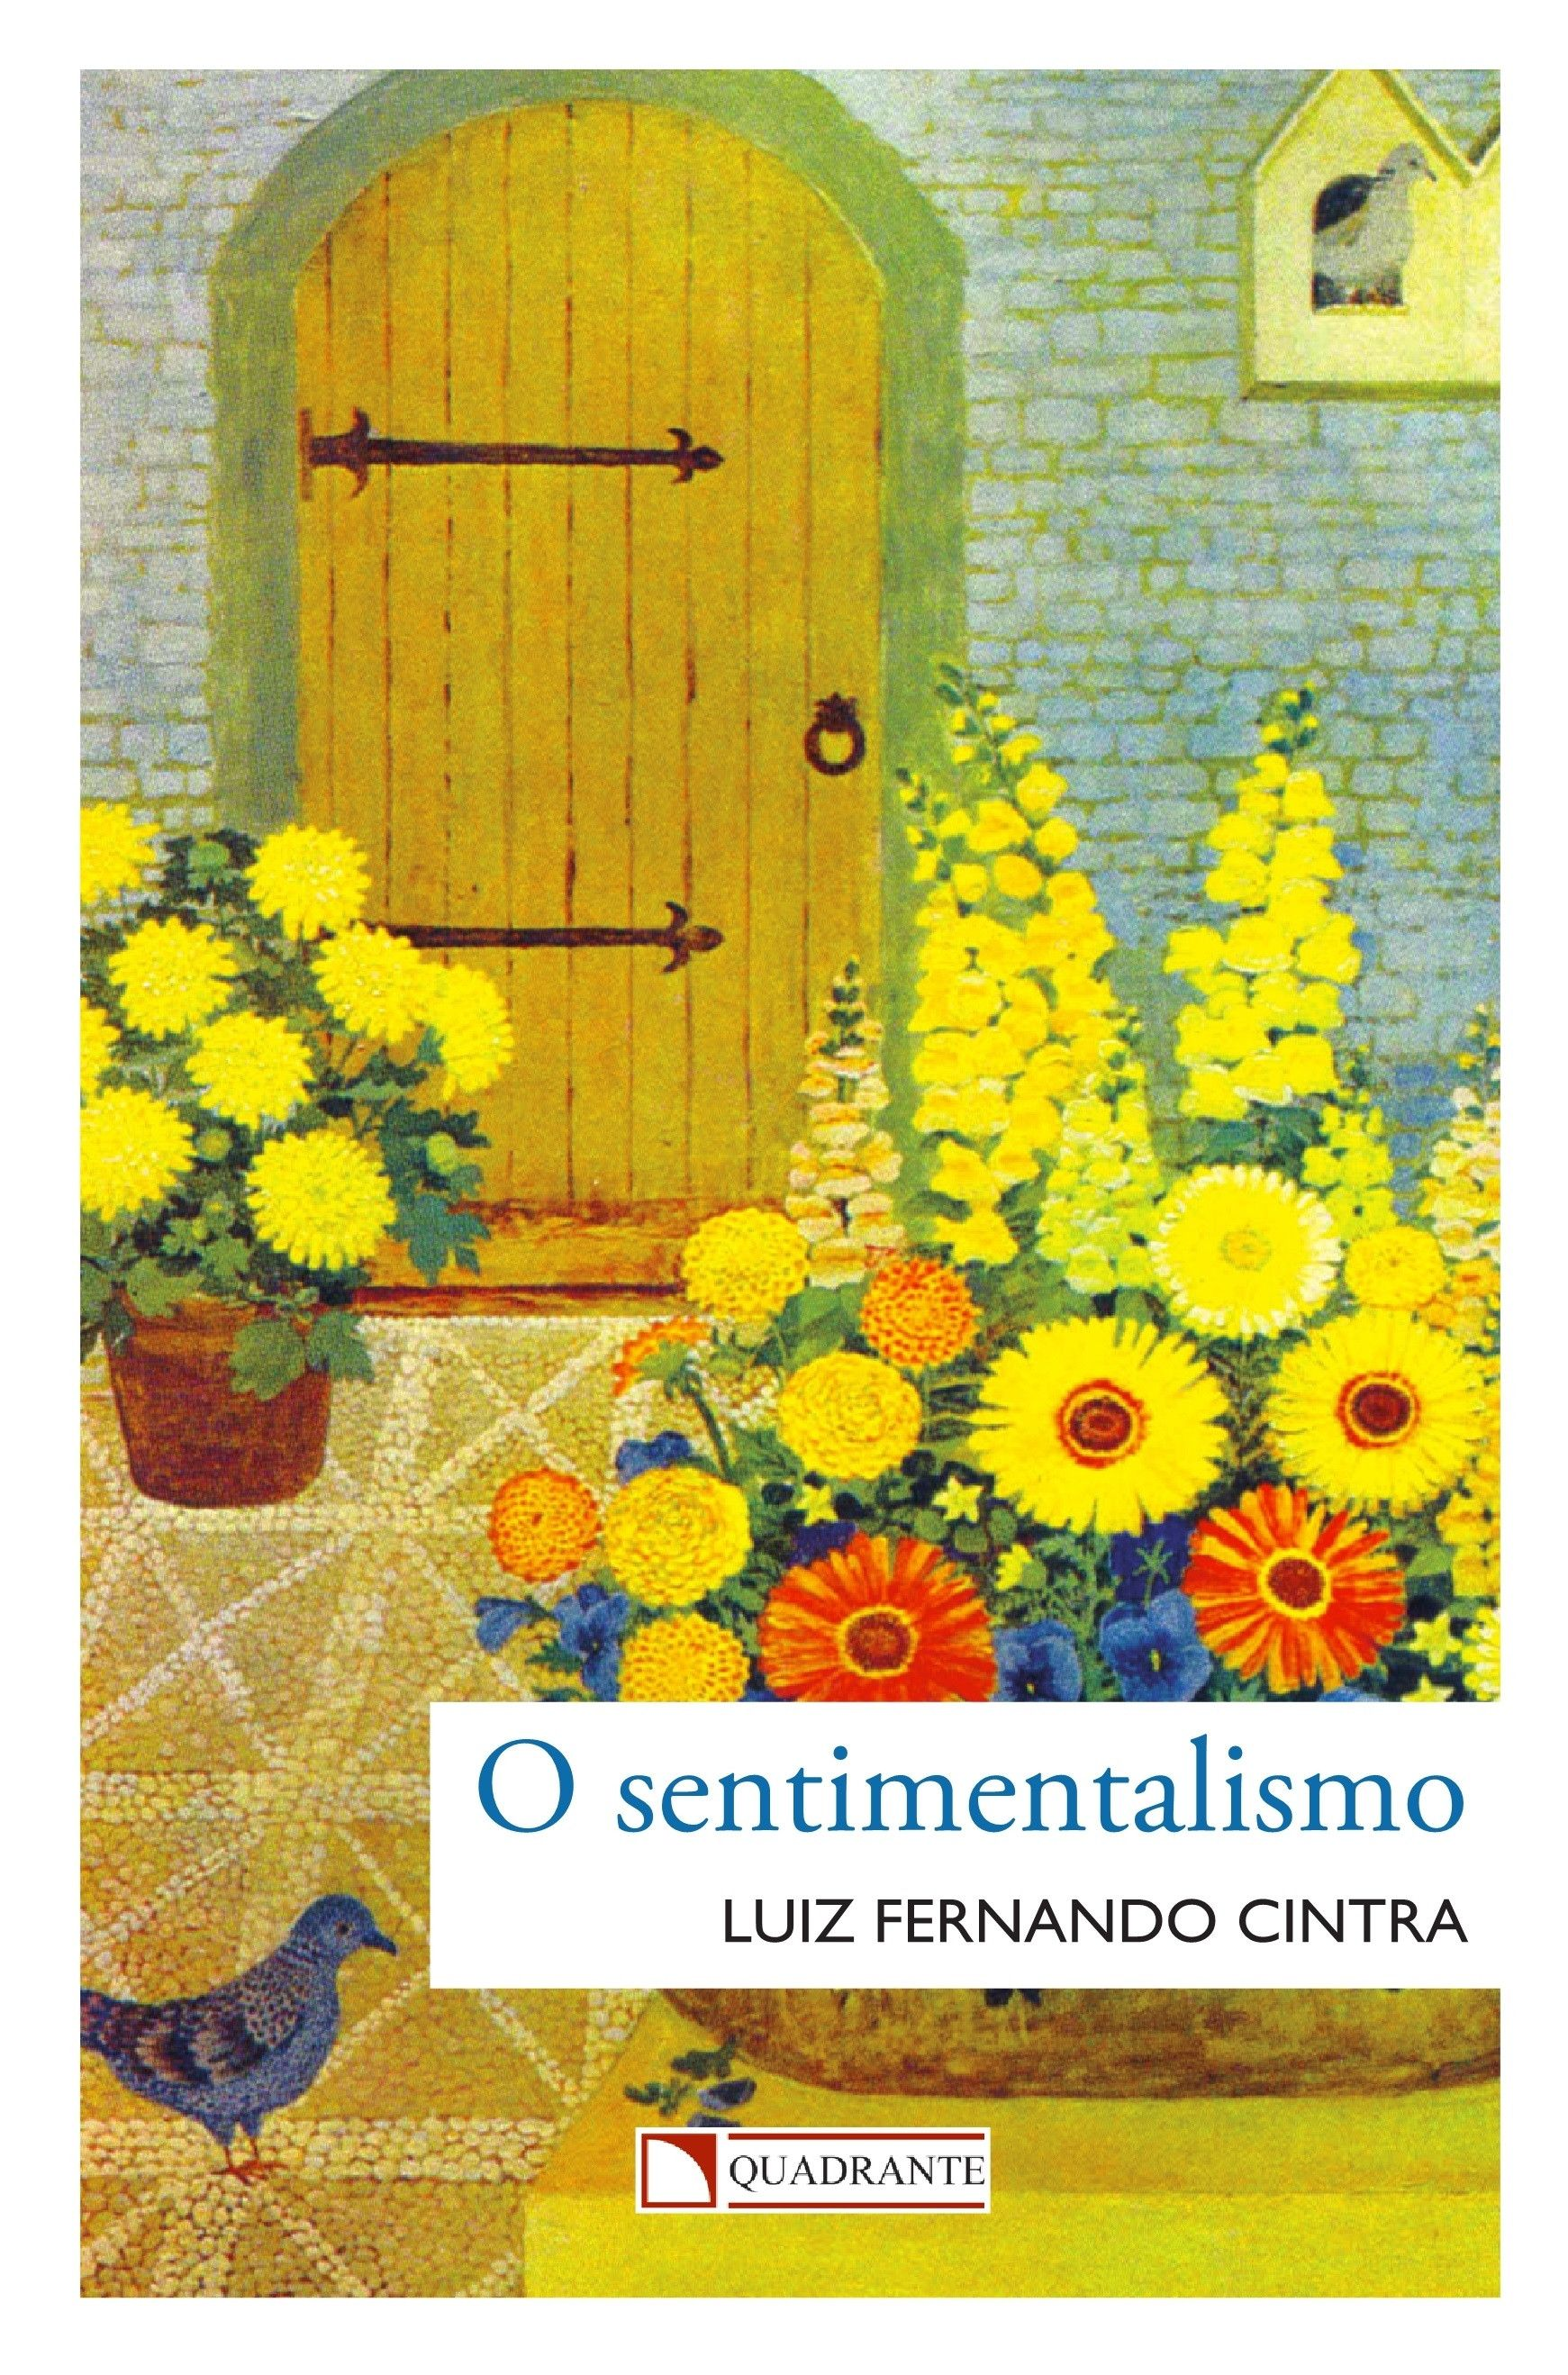 O sentimentalismo